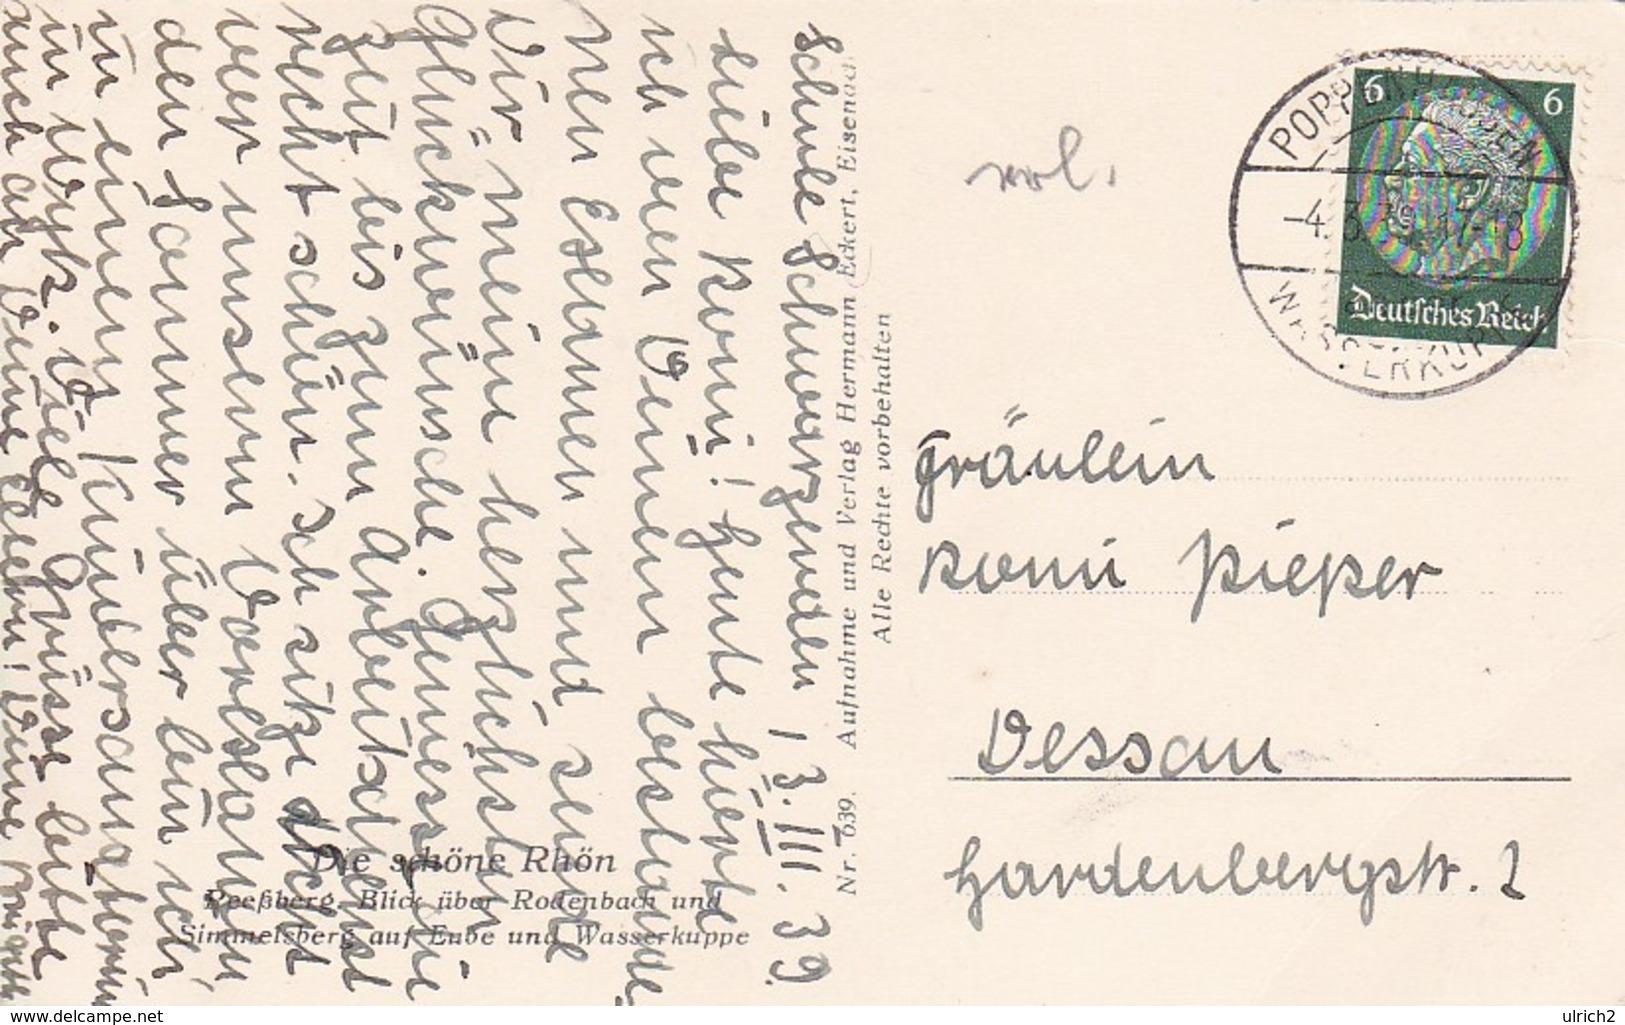 AK Die Schöne Rhön - Reeßberg - Blick über Rodenbach Und Simmelsberg Auf Eube Und Wasserkuppe - 1939 (50403) - Rhön